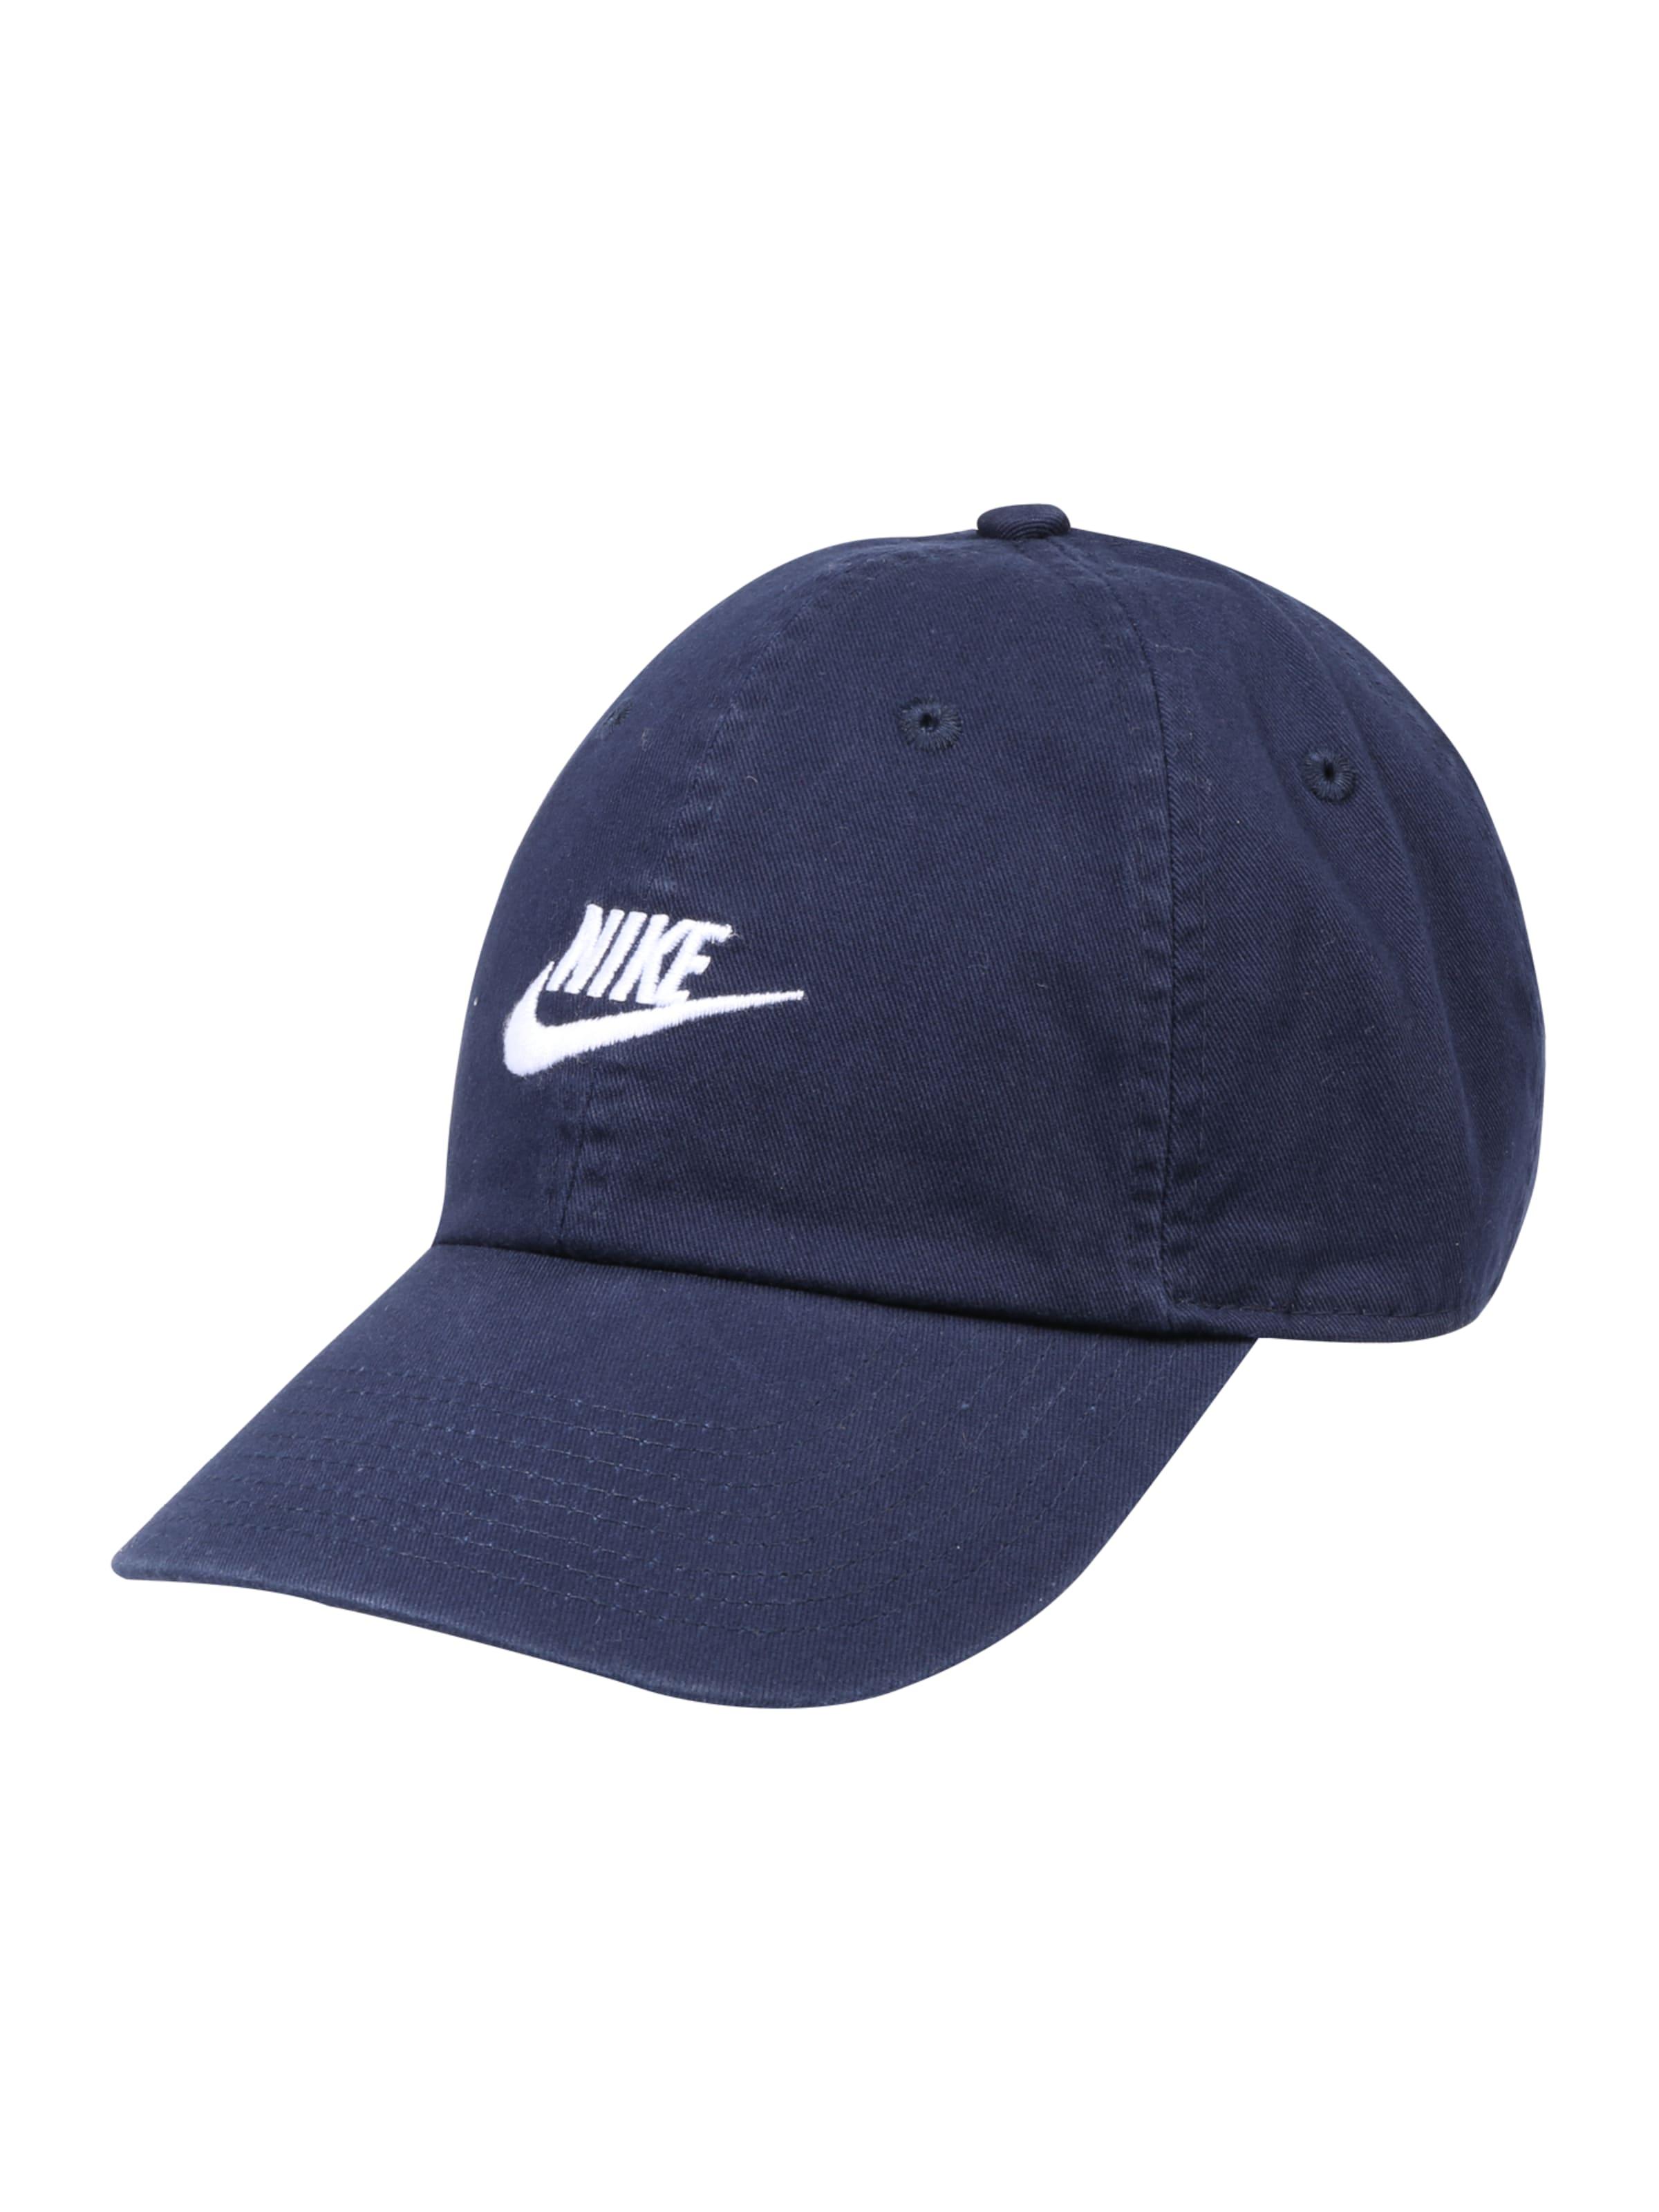 'h86' In DonkerblauwWit Nike Pet Sportswear WQxBCerdo